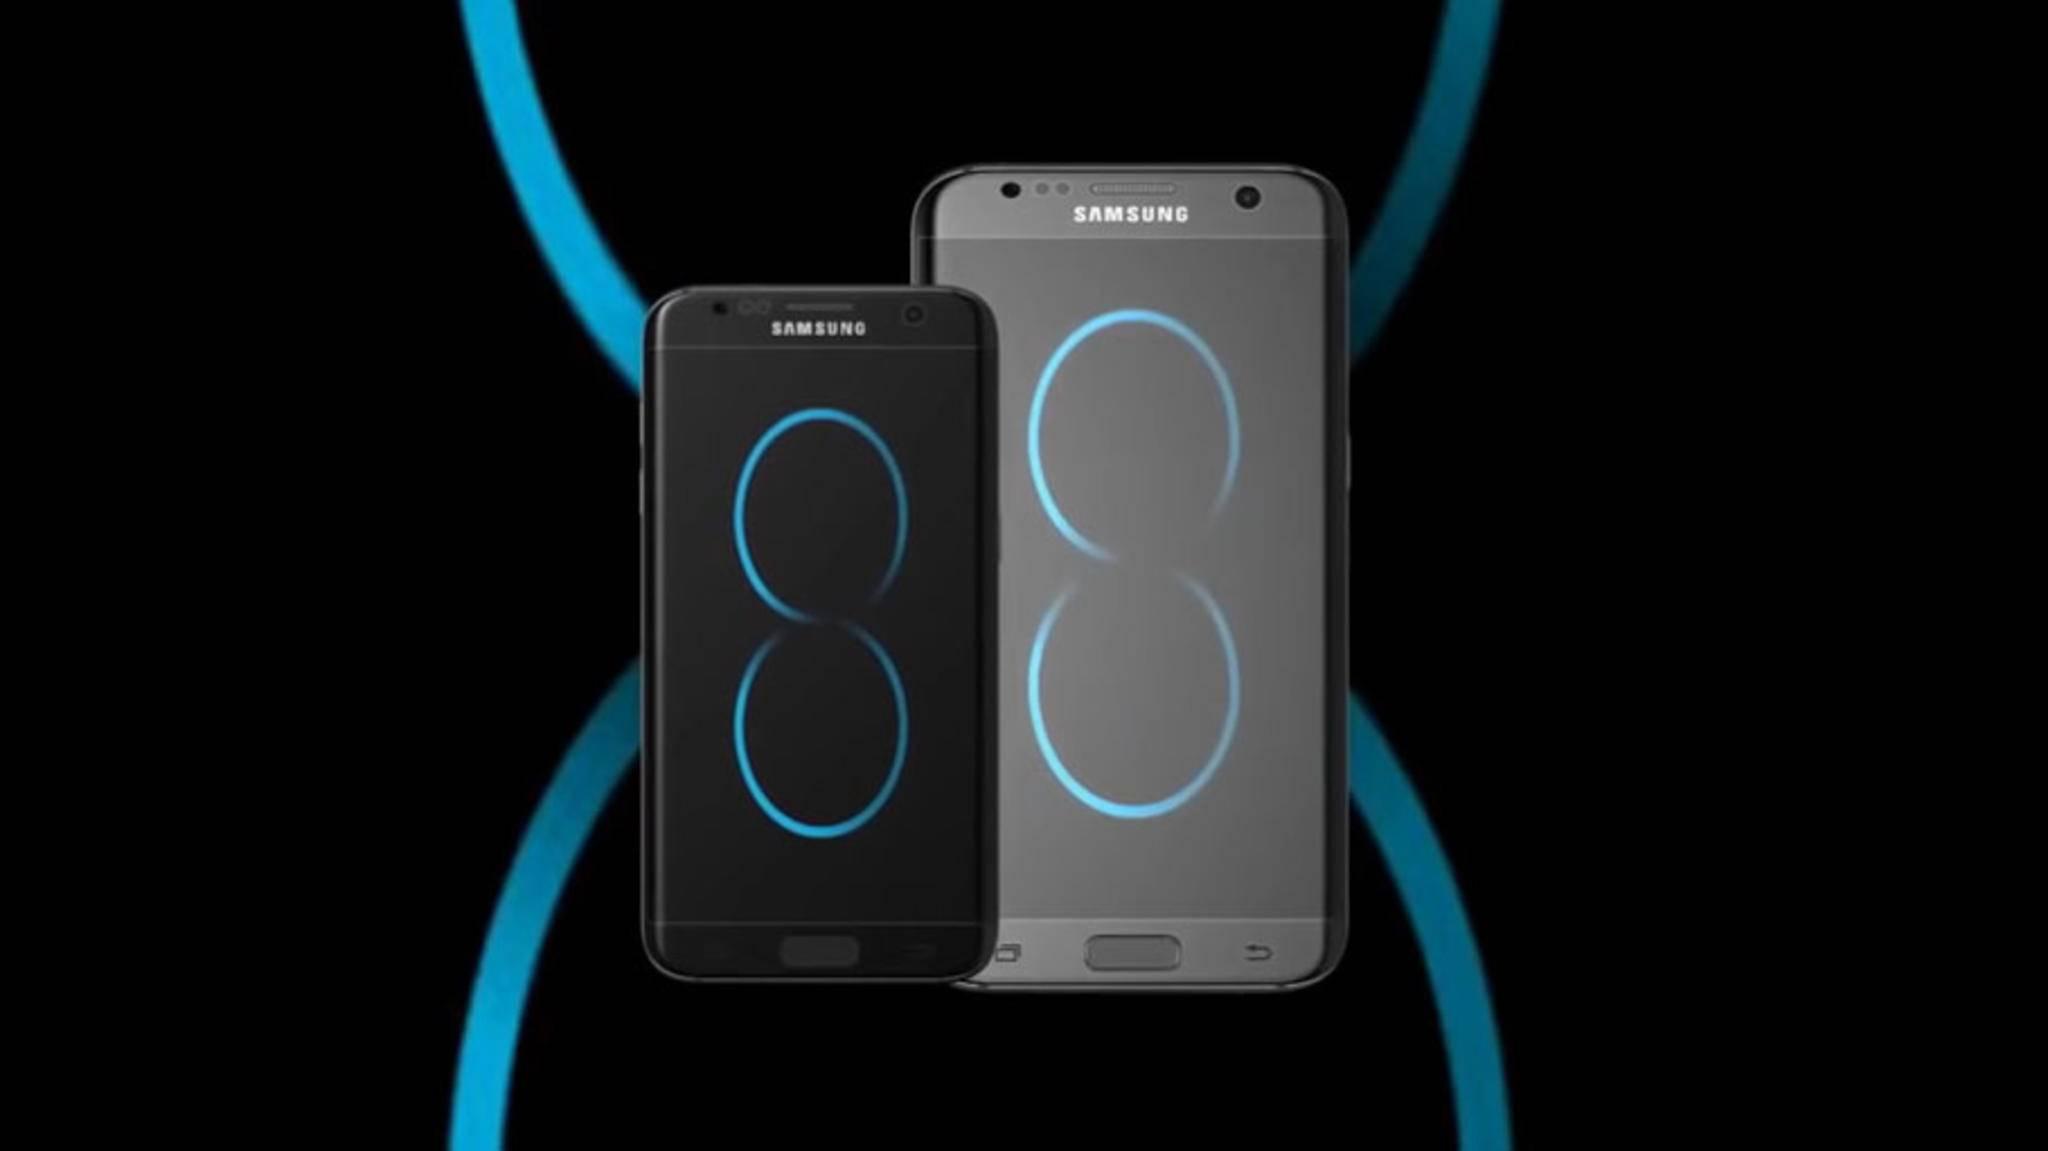 Ehrgeiziges Ziel: Schafft es Samsung vom Galaxy S8 60 Millionen Exemplare zu verkaufen? Hier eine Konzeptstudie des kommenden Flaggschiffs.